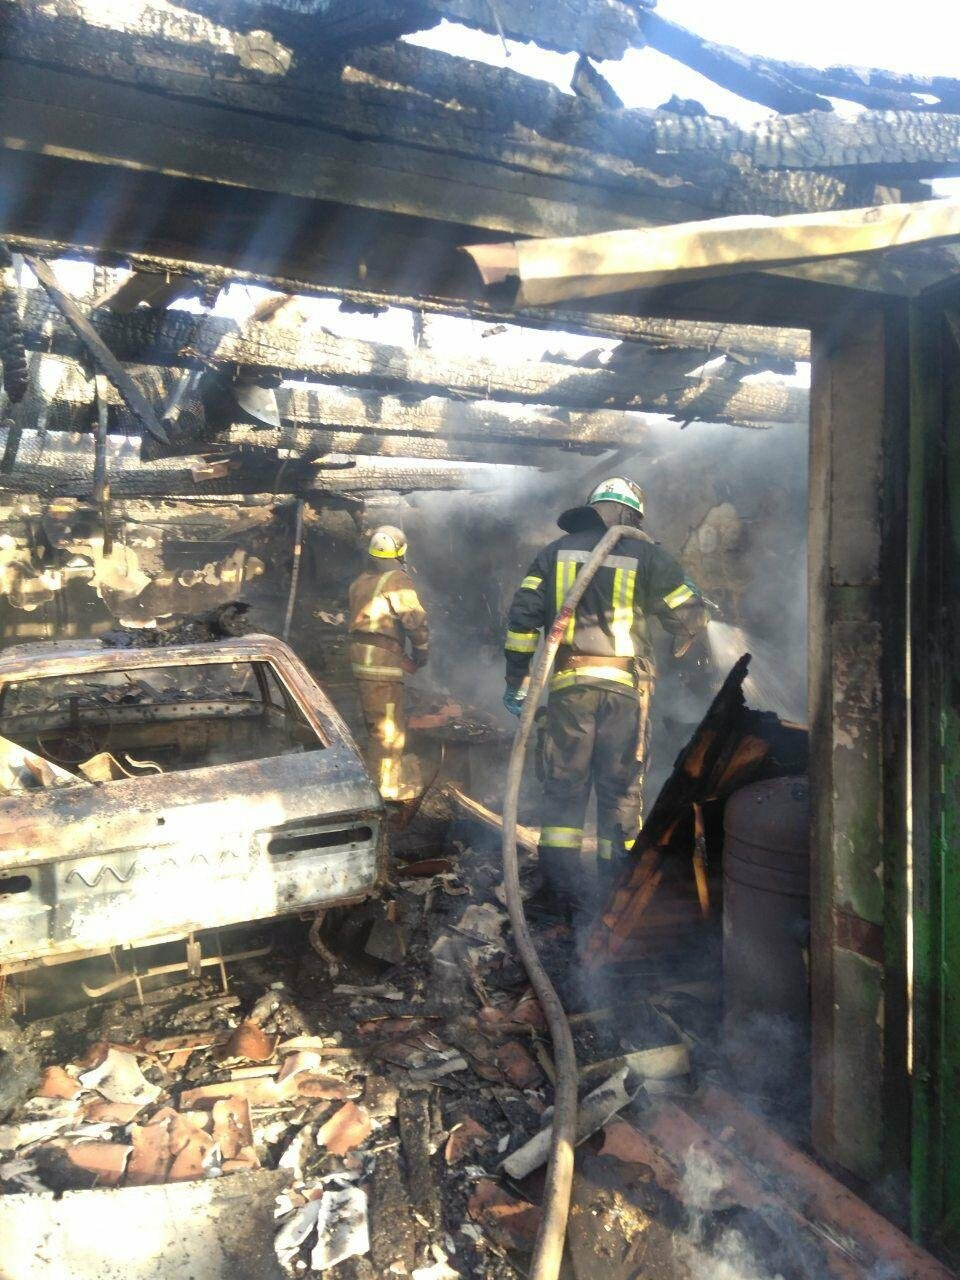 Машина, гараж, крыша летней кухни сгорели в результате пожара в Кривом Роге, - ФОТО  , фото-10